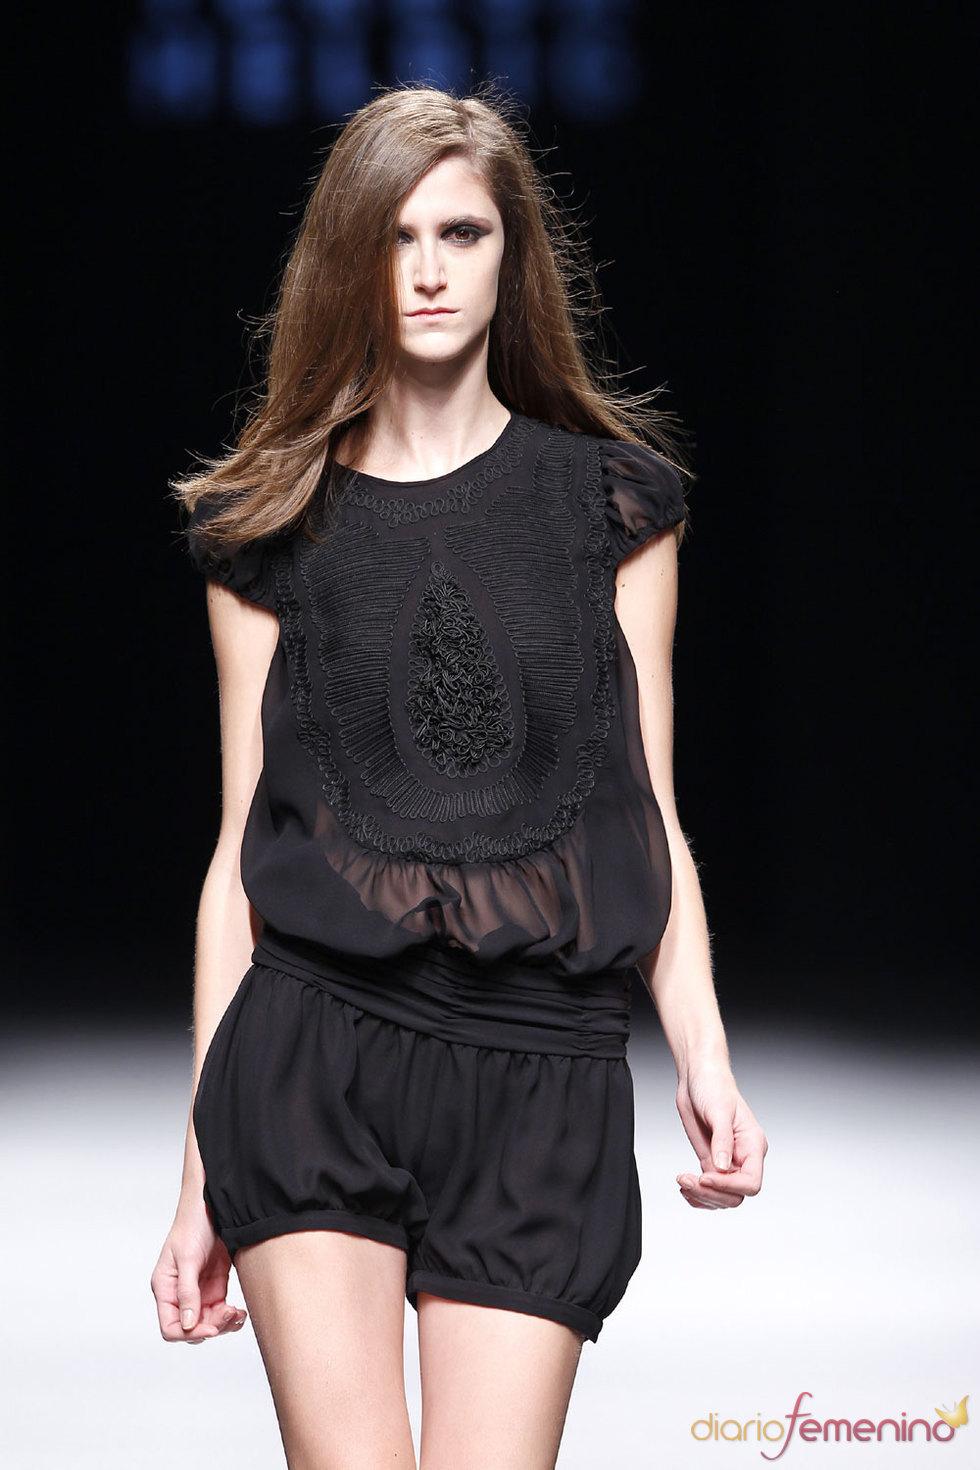 Moda de Teresa Helbig para el otoño-invierno 2010/2011